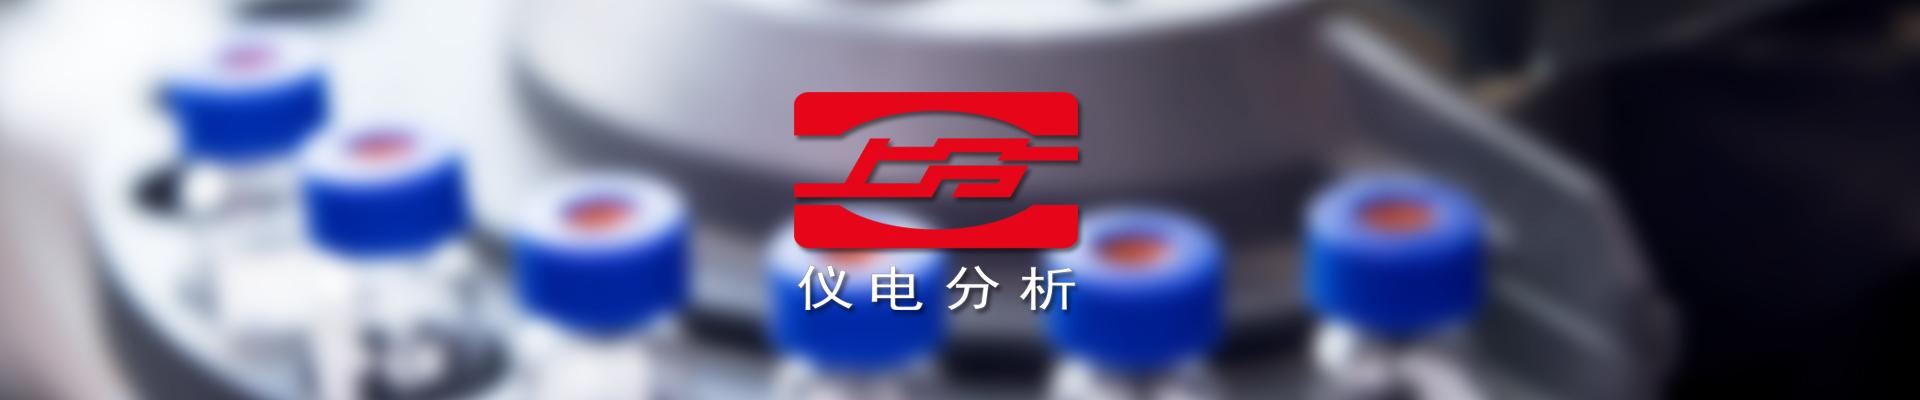 上海仪电分析仪器nba山猫直播在线观看公司介绍